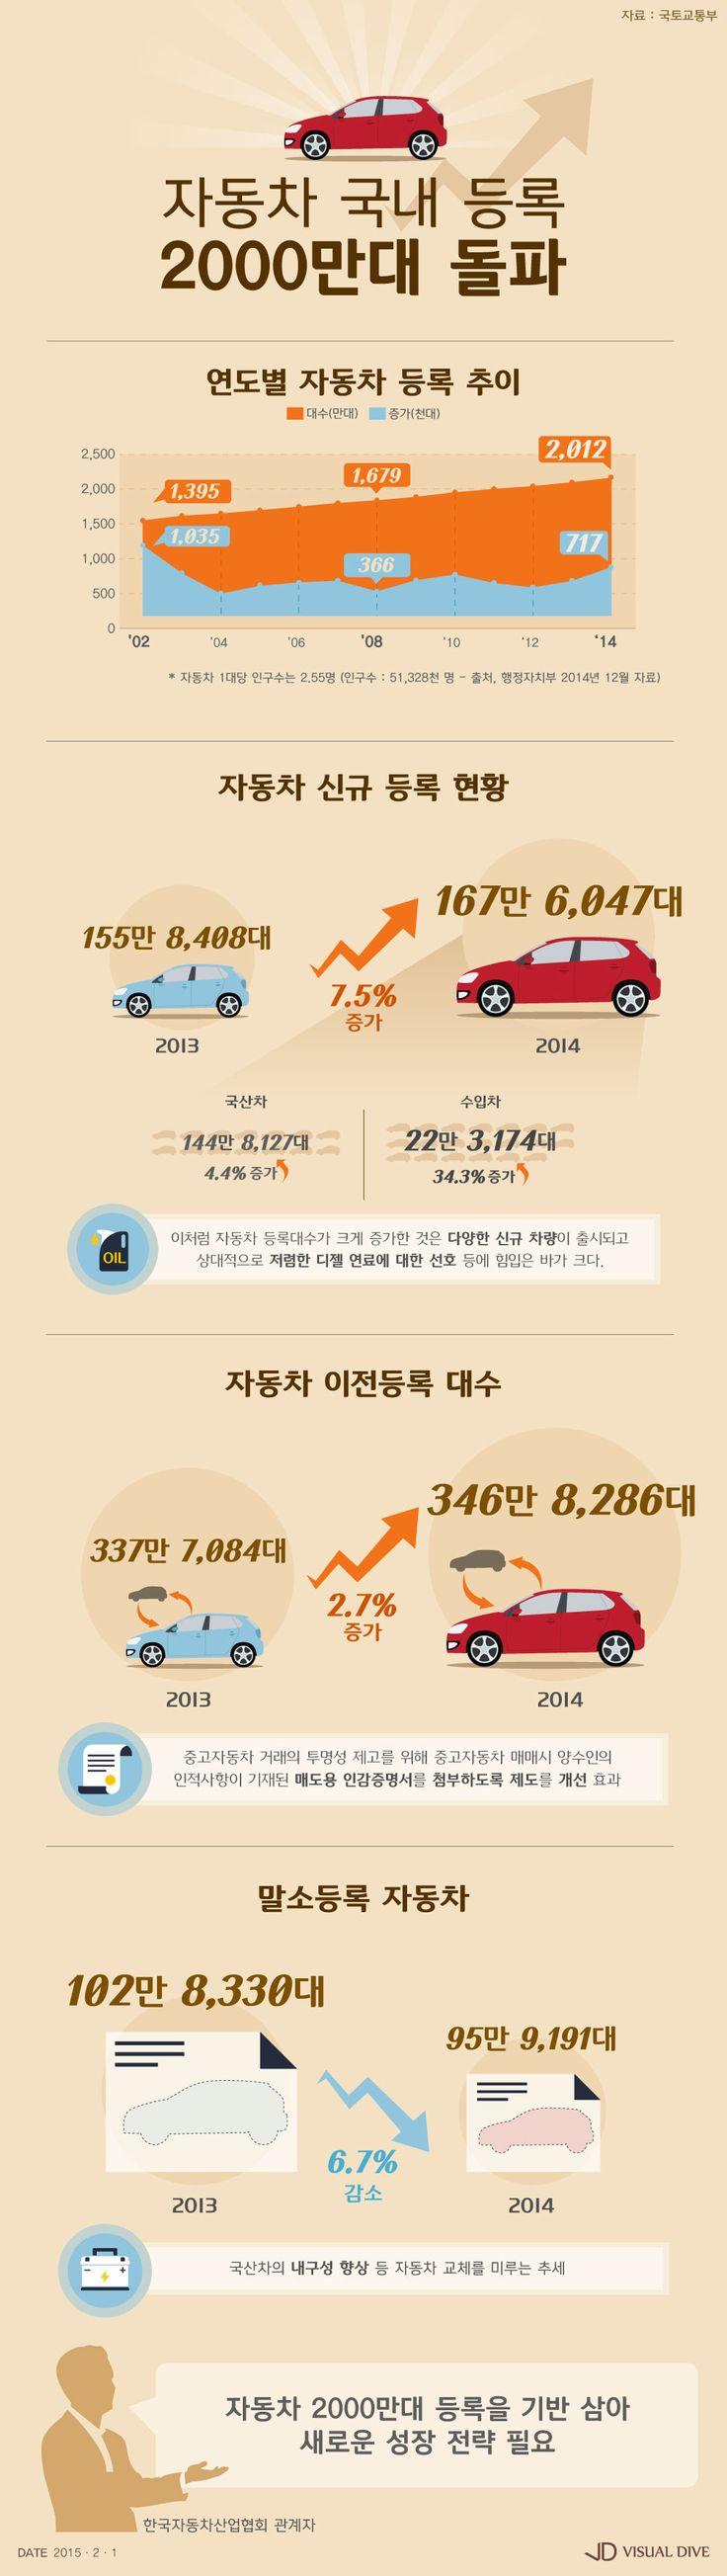 자동차 2,000만대 시대, 새로운 성장 전략 필요 [인포그래픽] #Car / #Infographic ⓒ 비주얼다이브 무단 복사·전재·재배포 금지